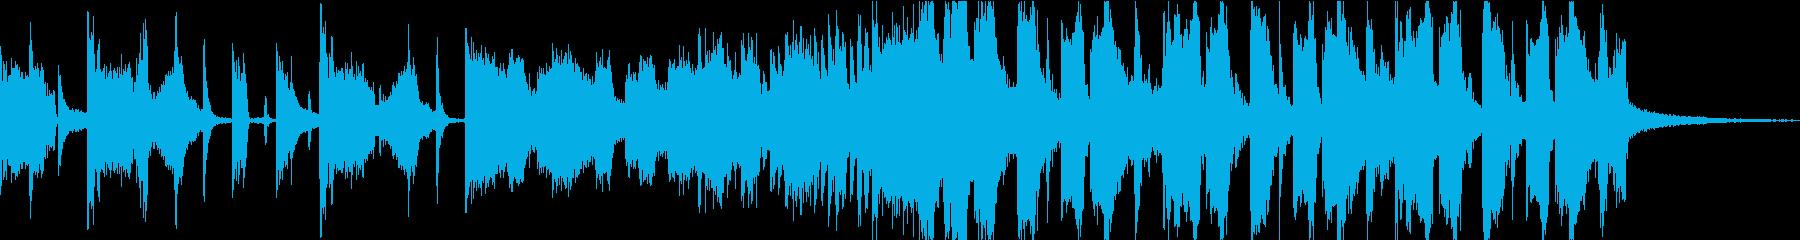 ライザップCMのパロディ_15秒verの再生済みの波形